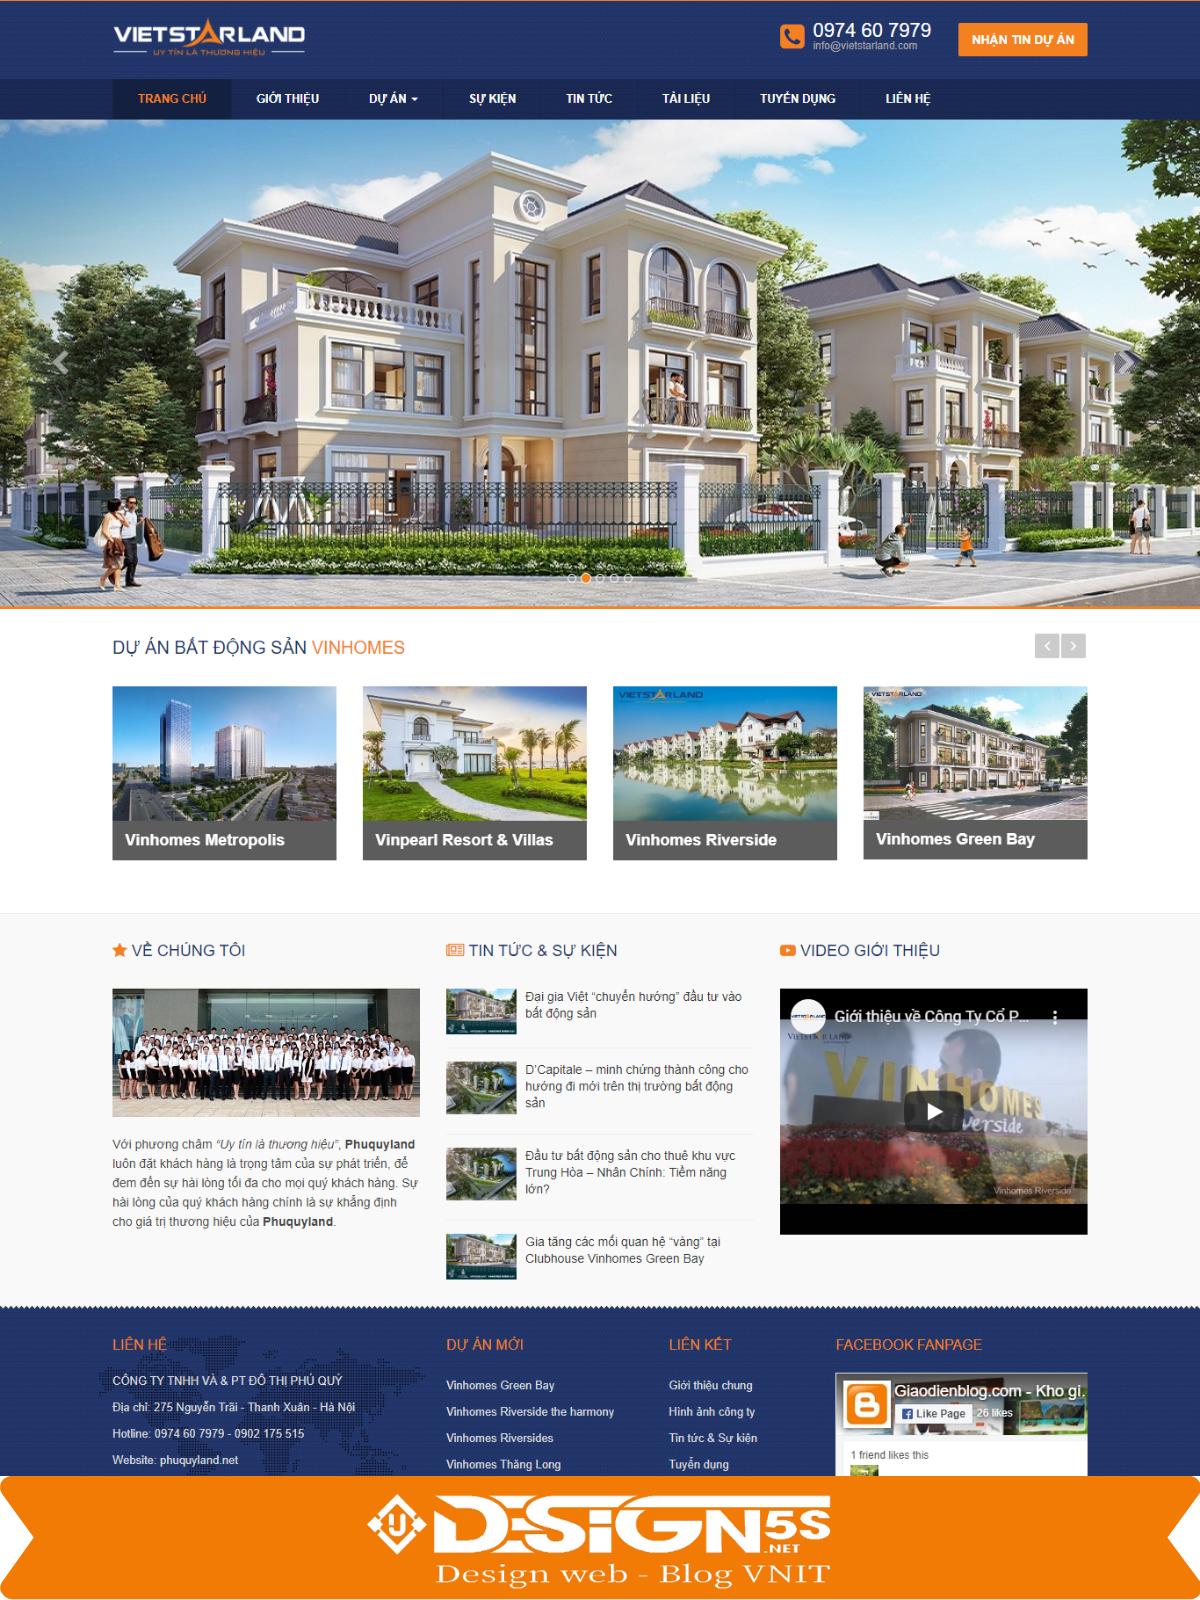 Mẫu website bất động sản Vietstarland Chuyên Nghiệp